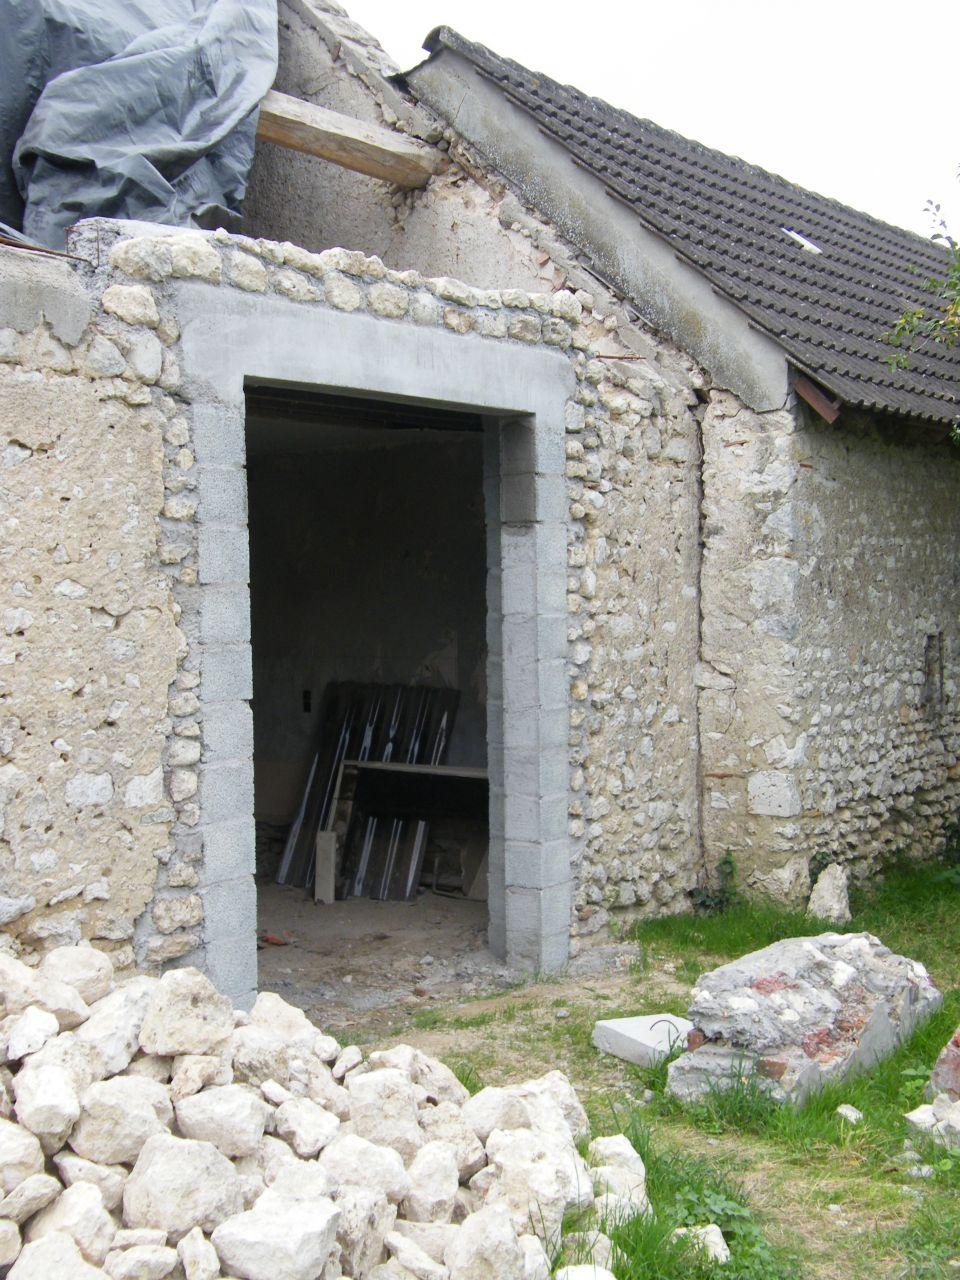 Modification d'une fenêtre en baie vitrée: état fini avant revêtement